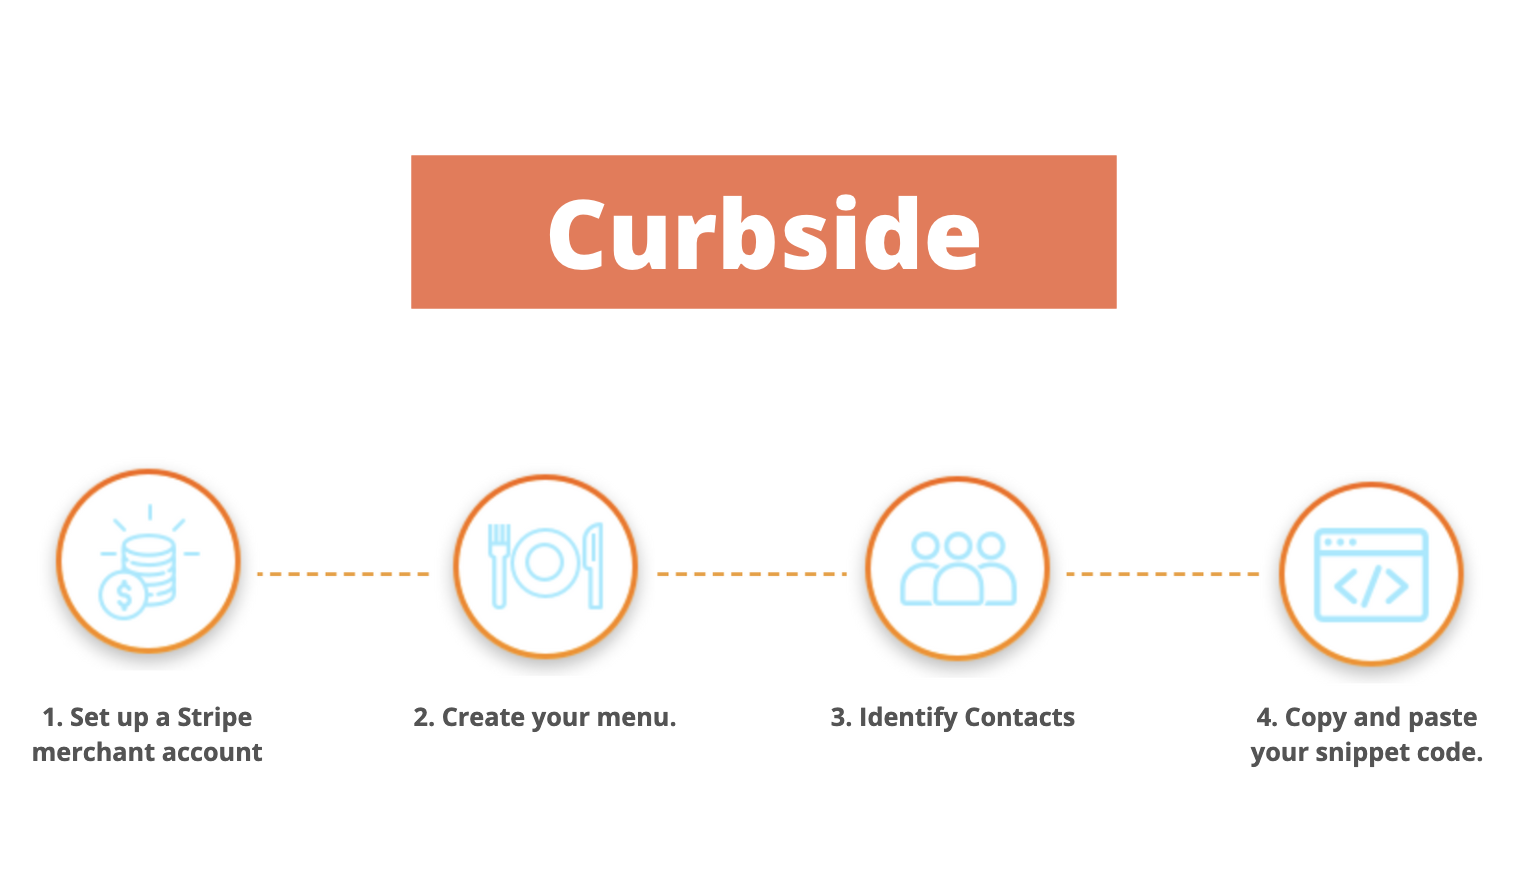 curbside-steps-to-get-set-up